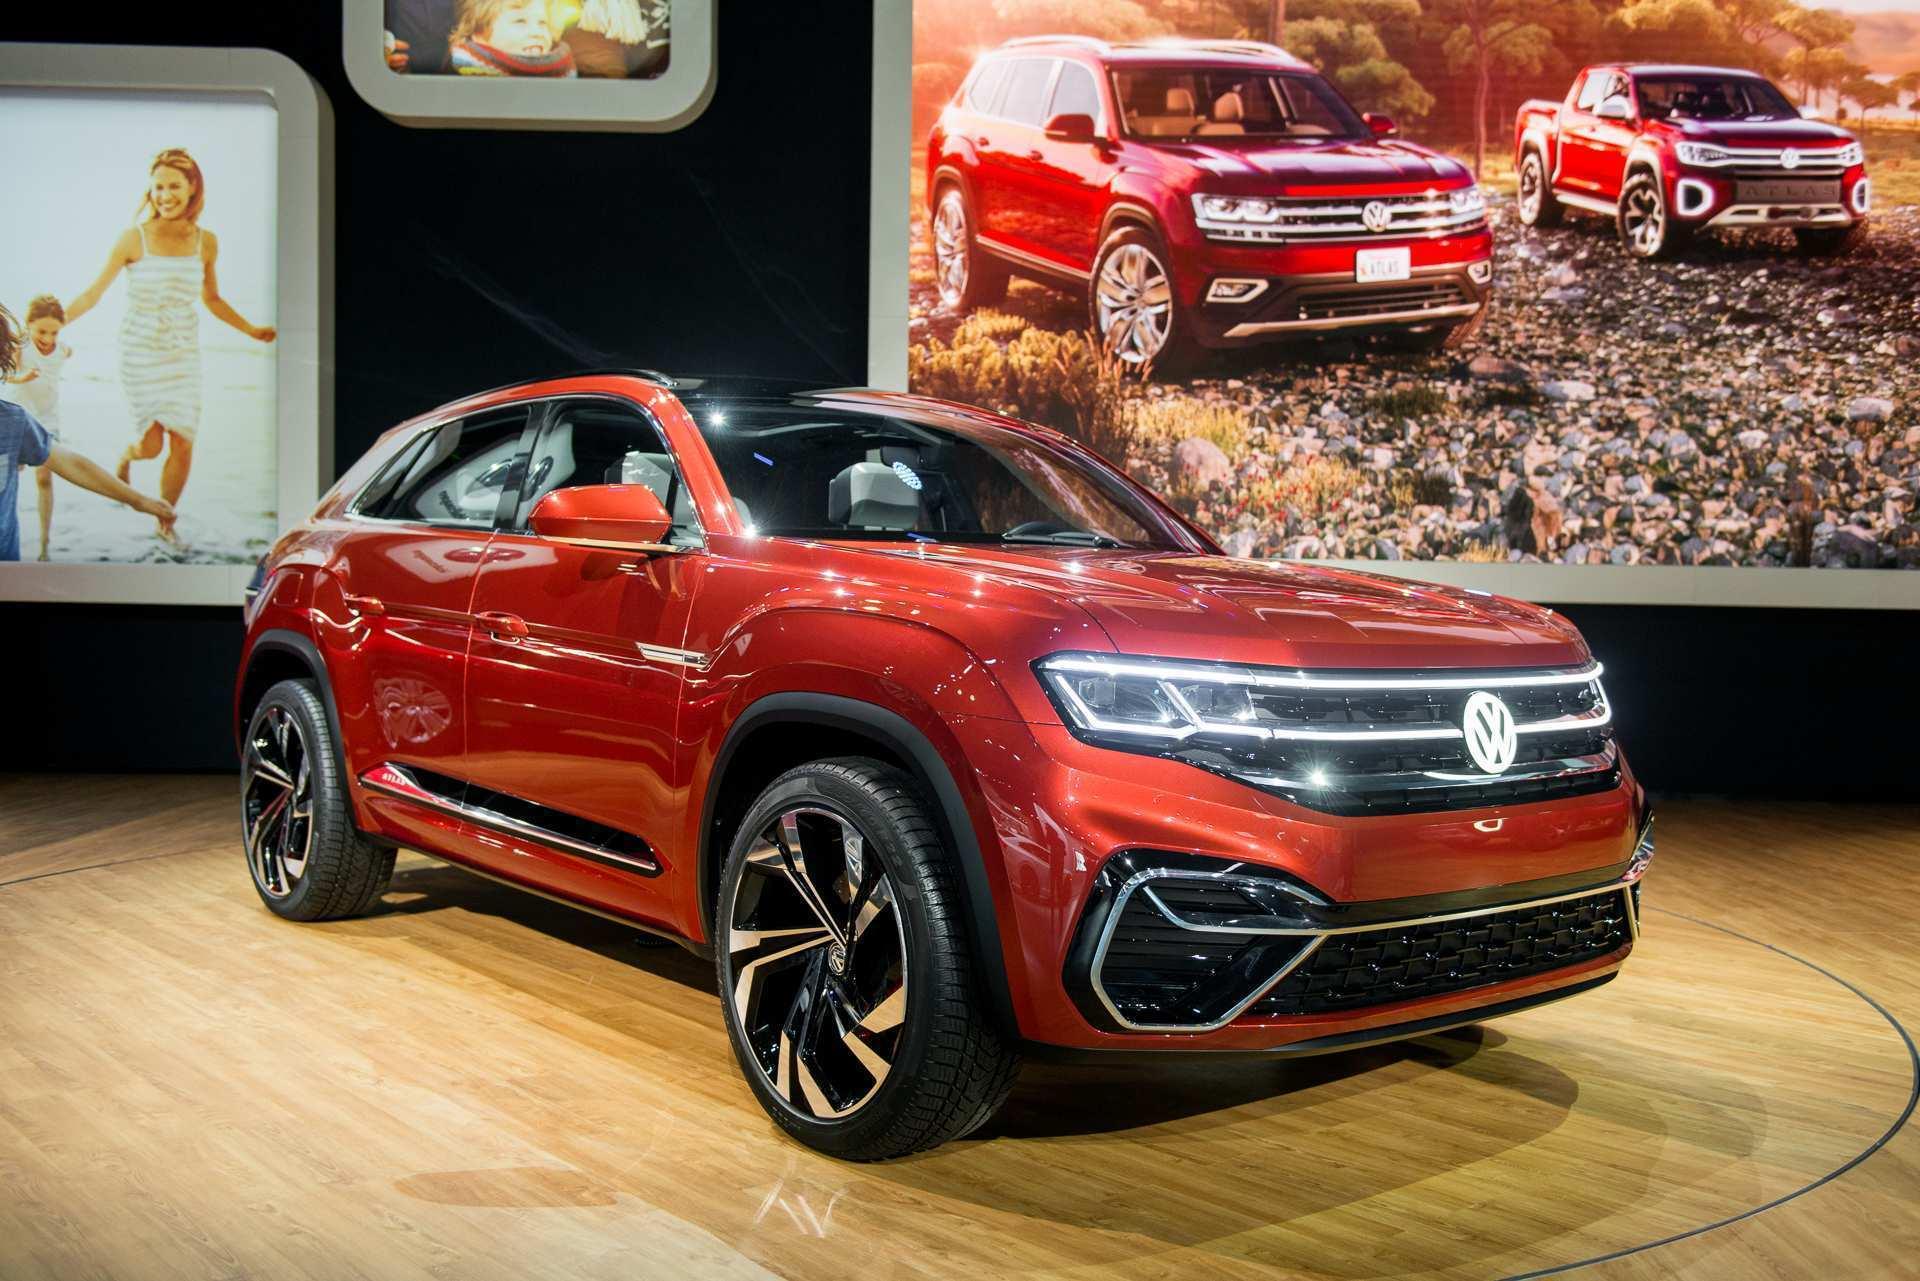 81 All New Volkswagen 2020 Lineup Interior by Volkswagen 2020 Lineup